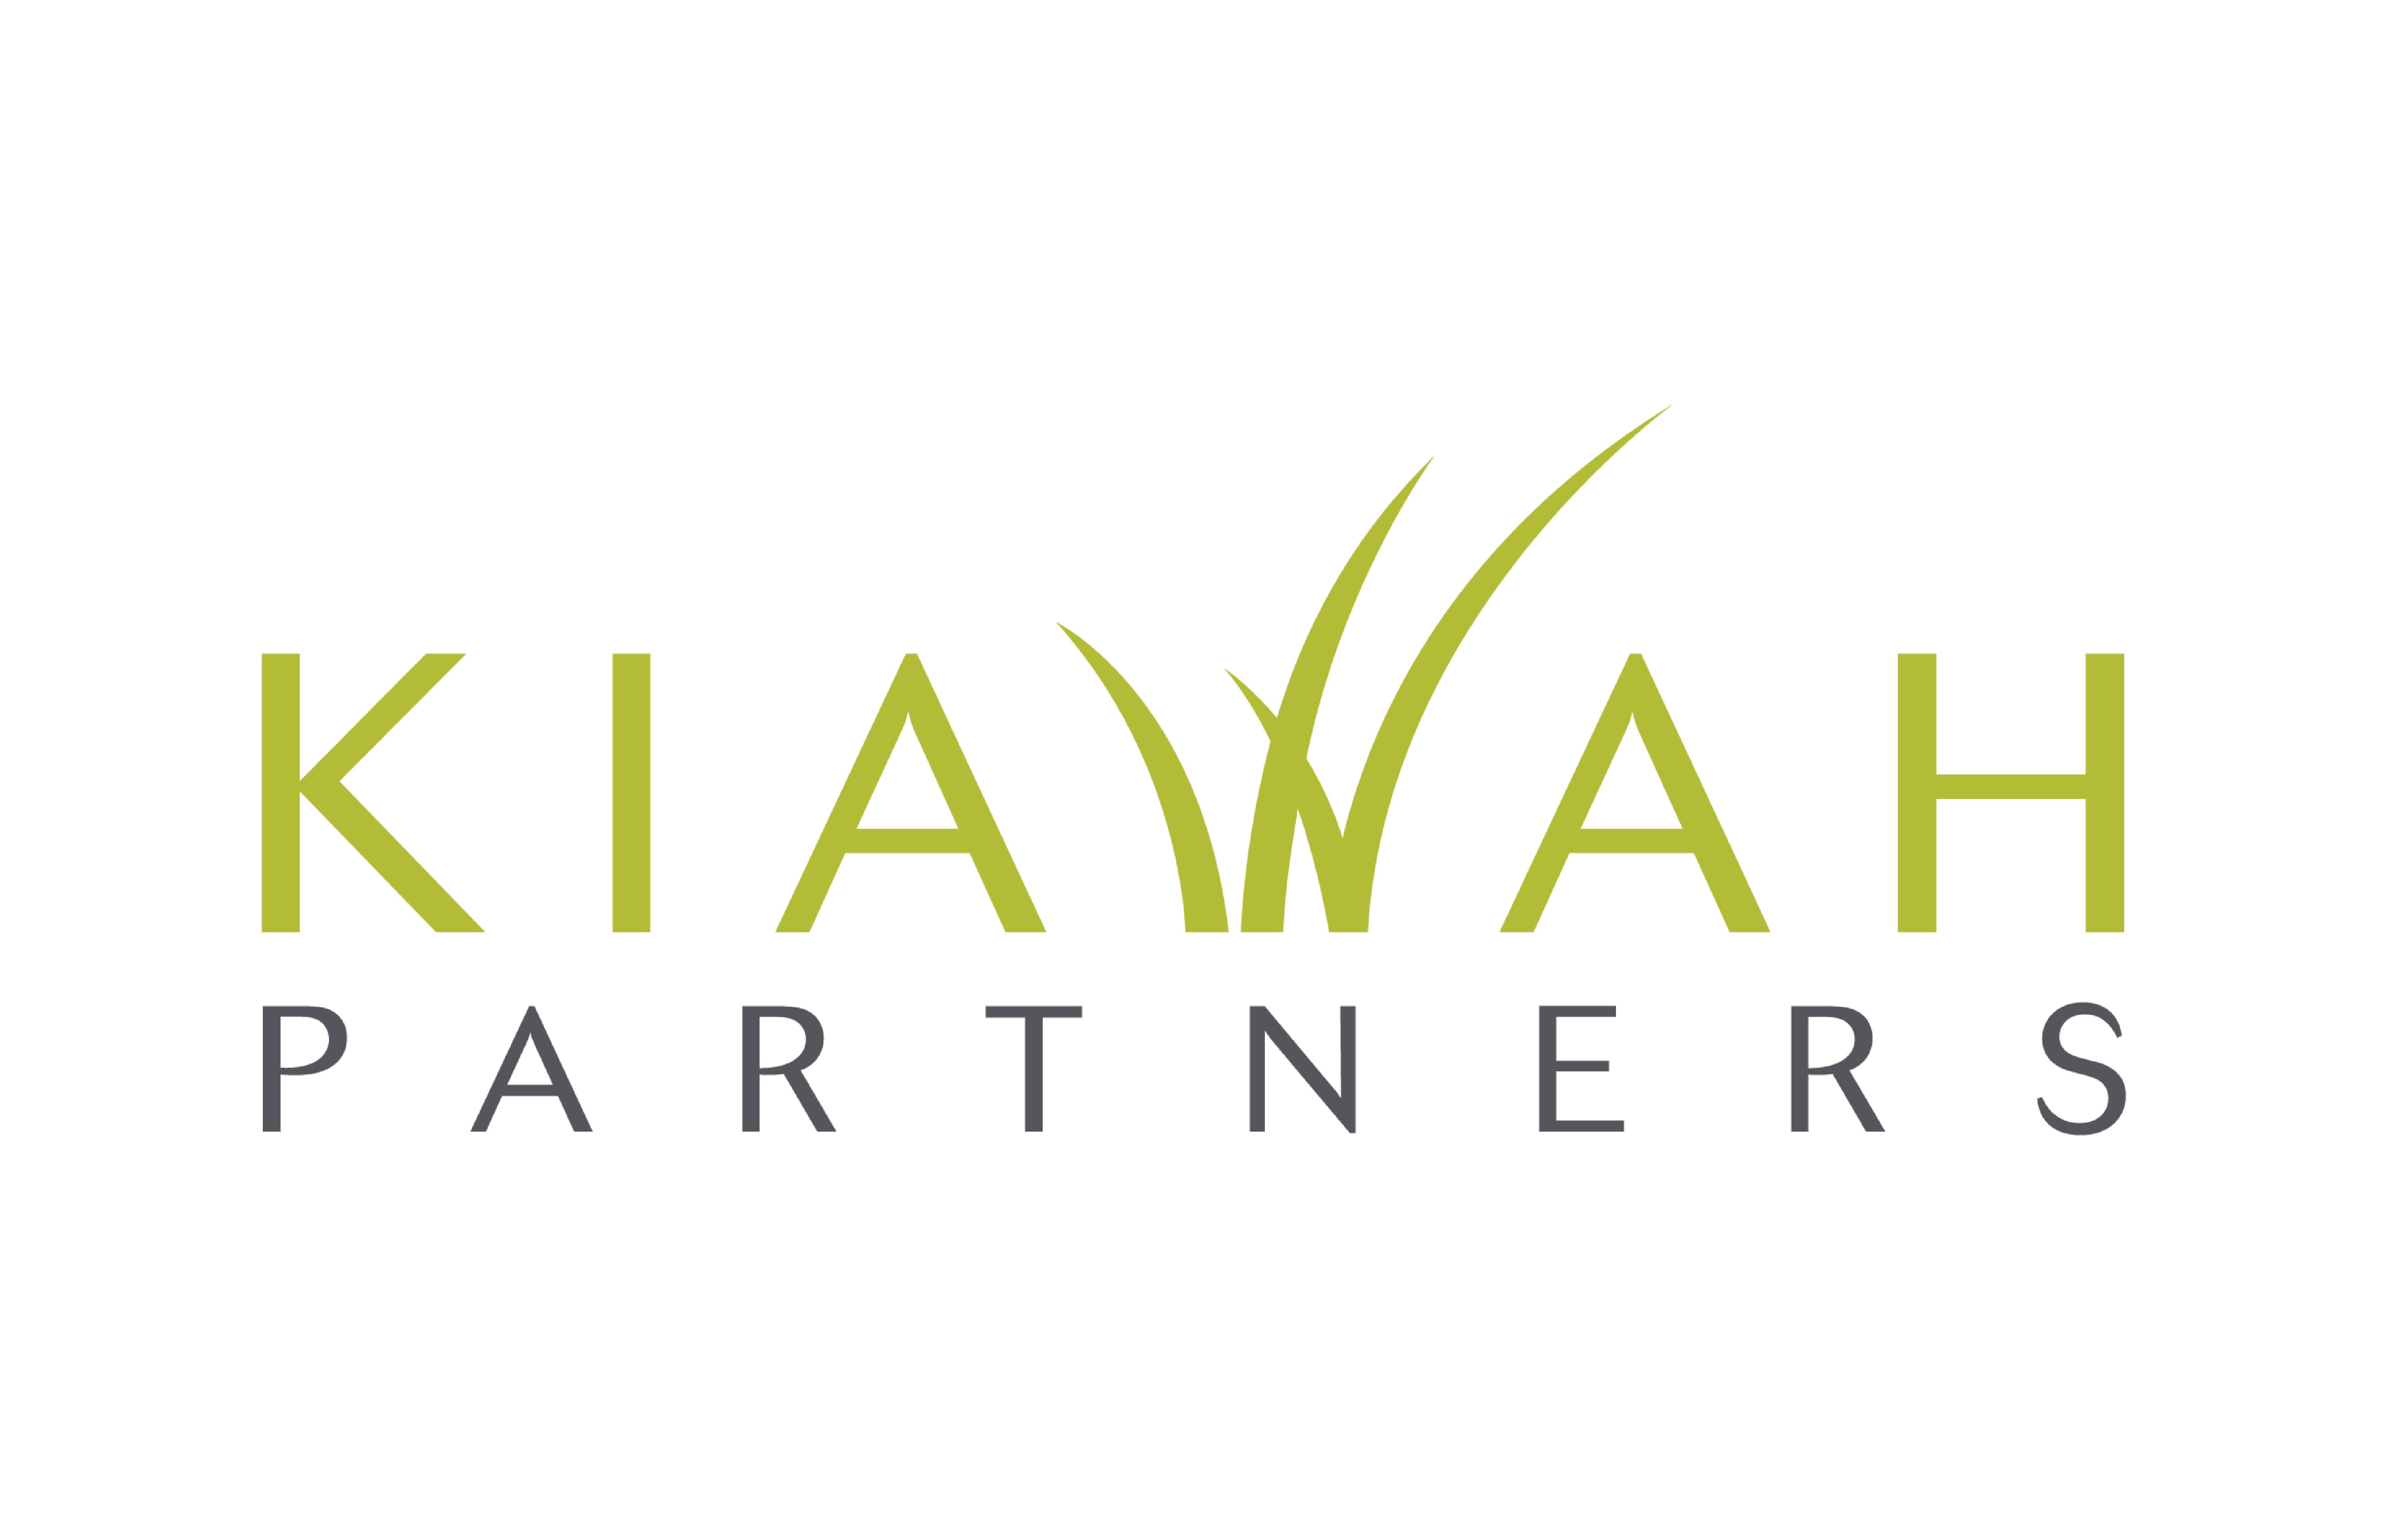 Kiawah Partners